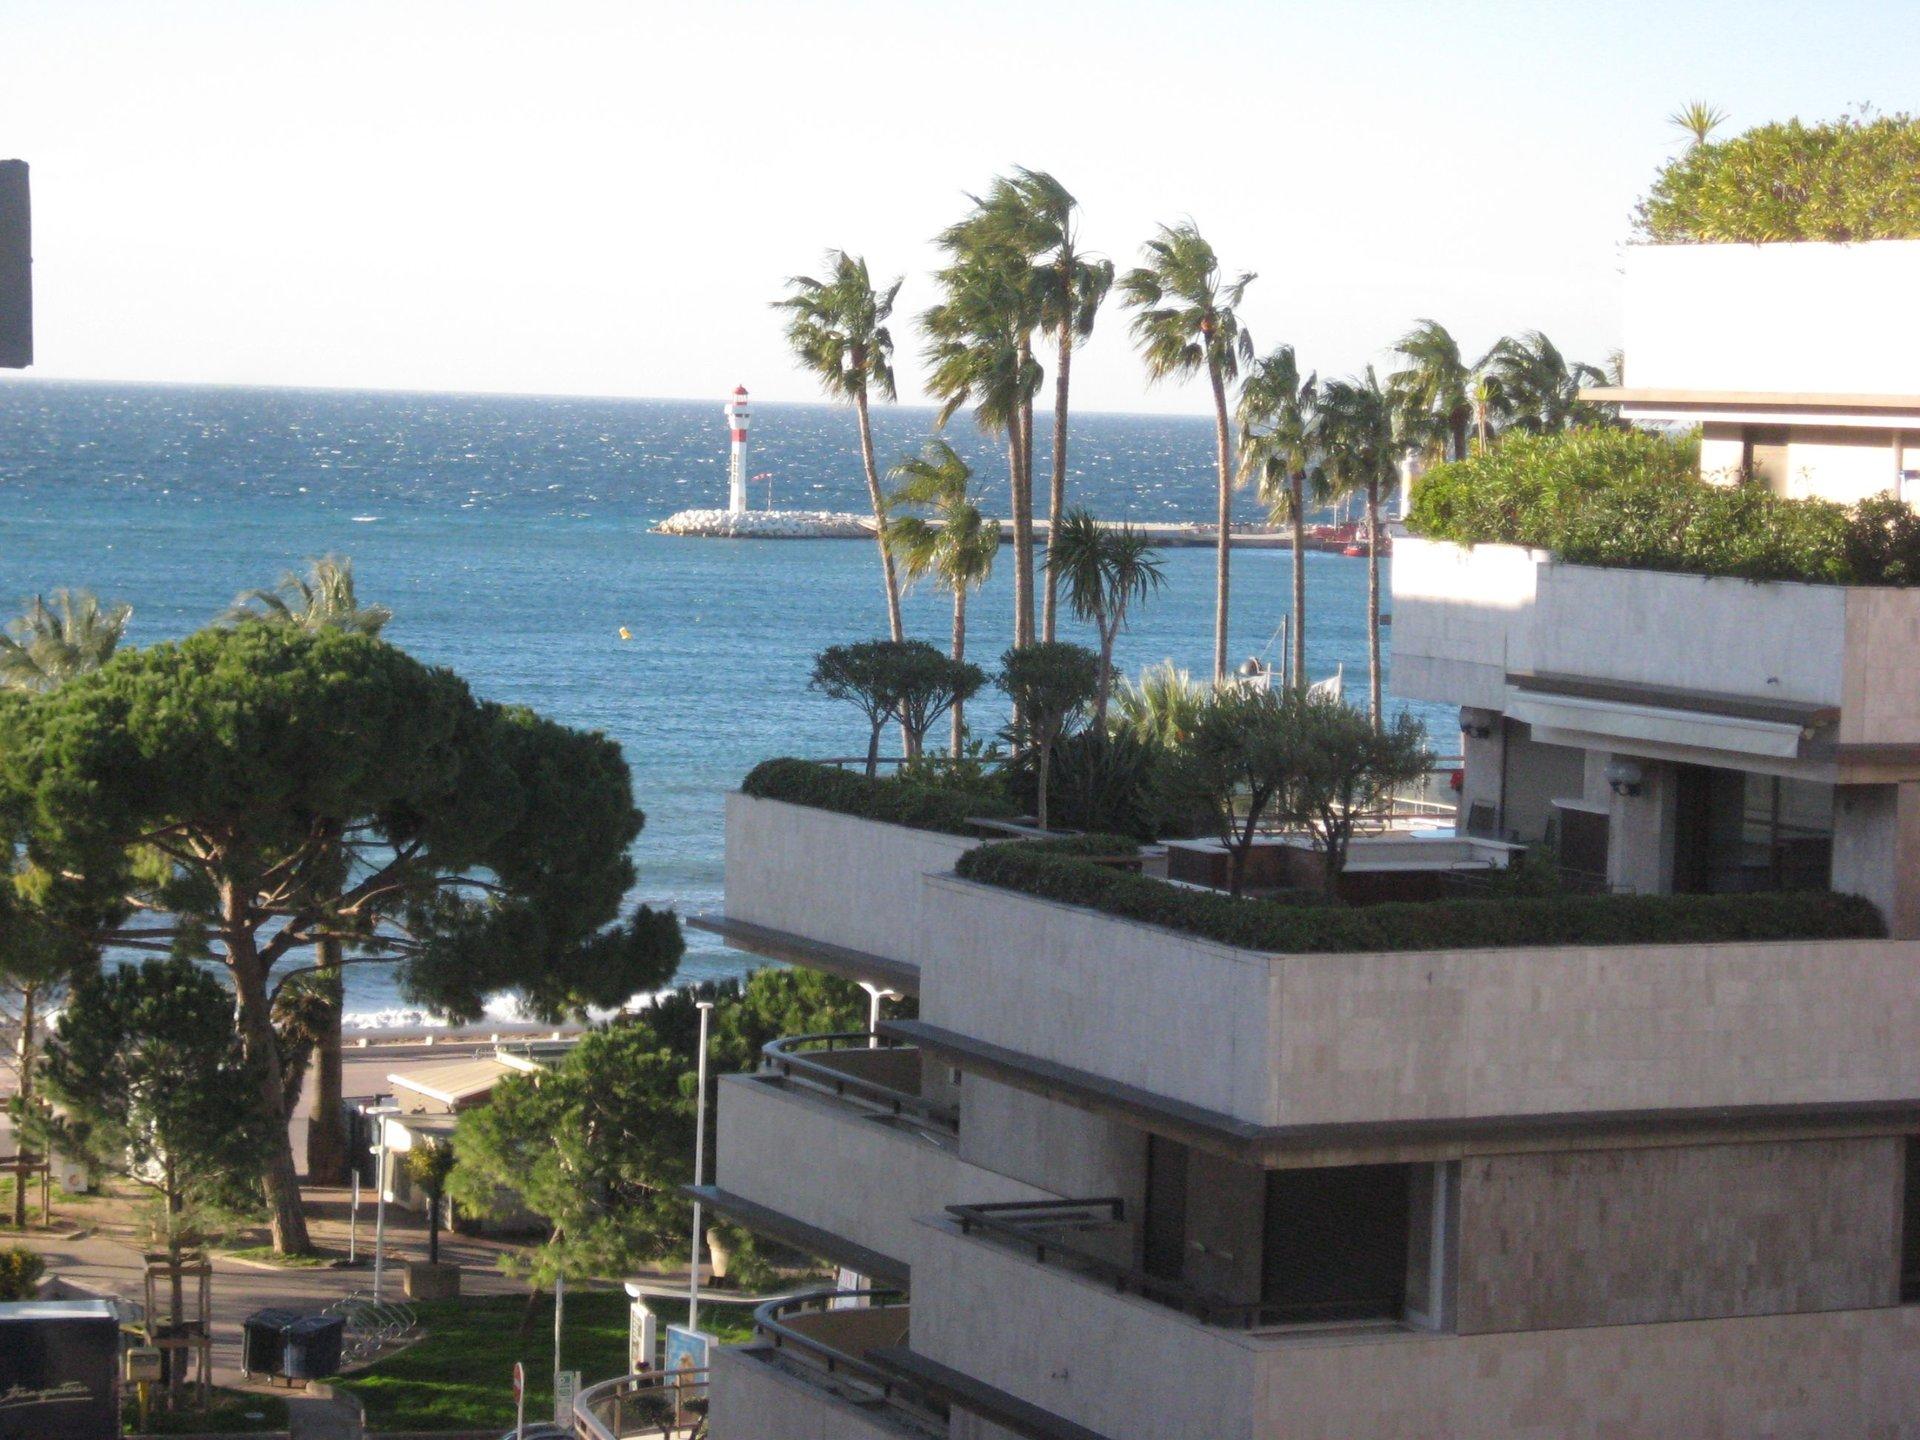 Cannes Banane 3 P contemporain 91 m² + terrasse de 36m²